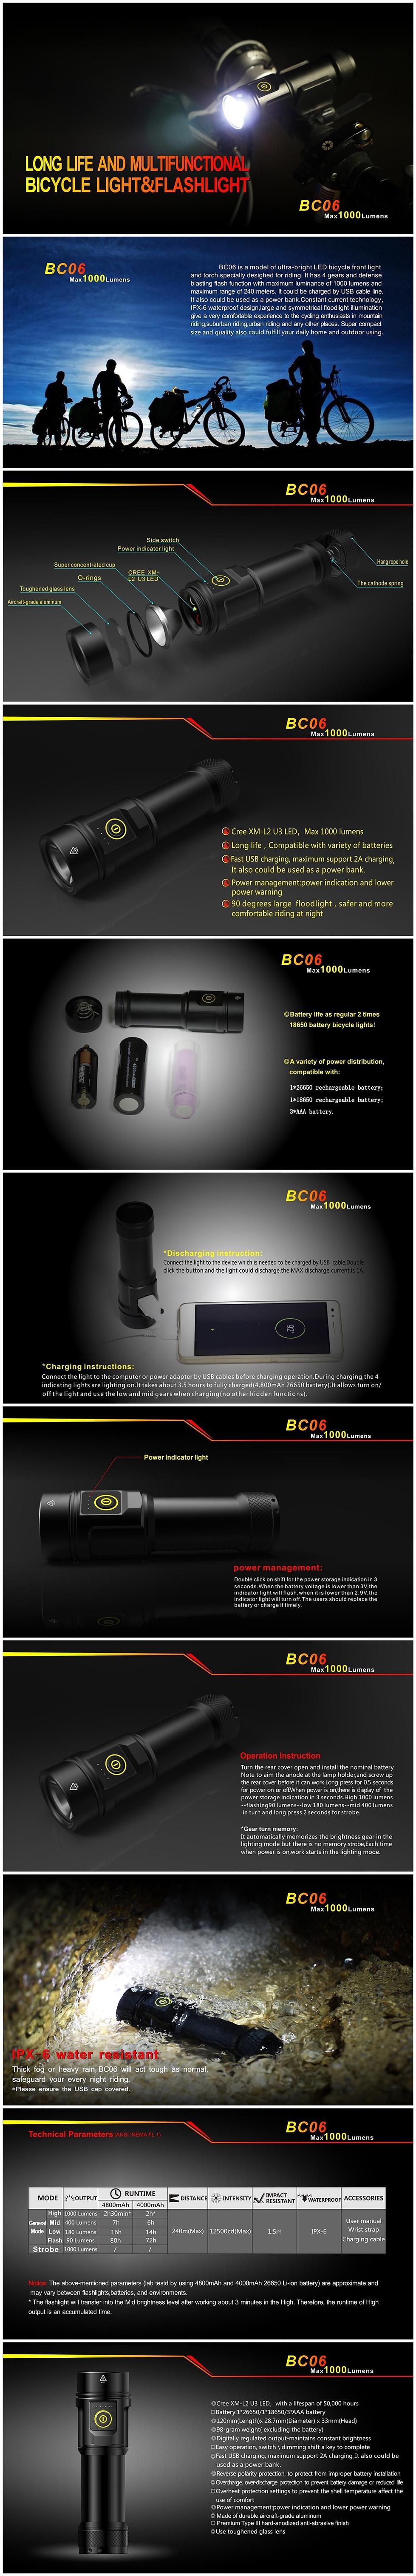 Presentation for Bike Light BC06.jpg